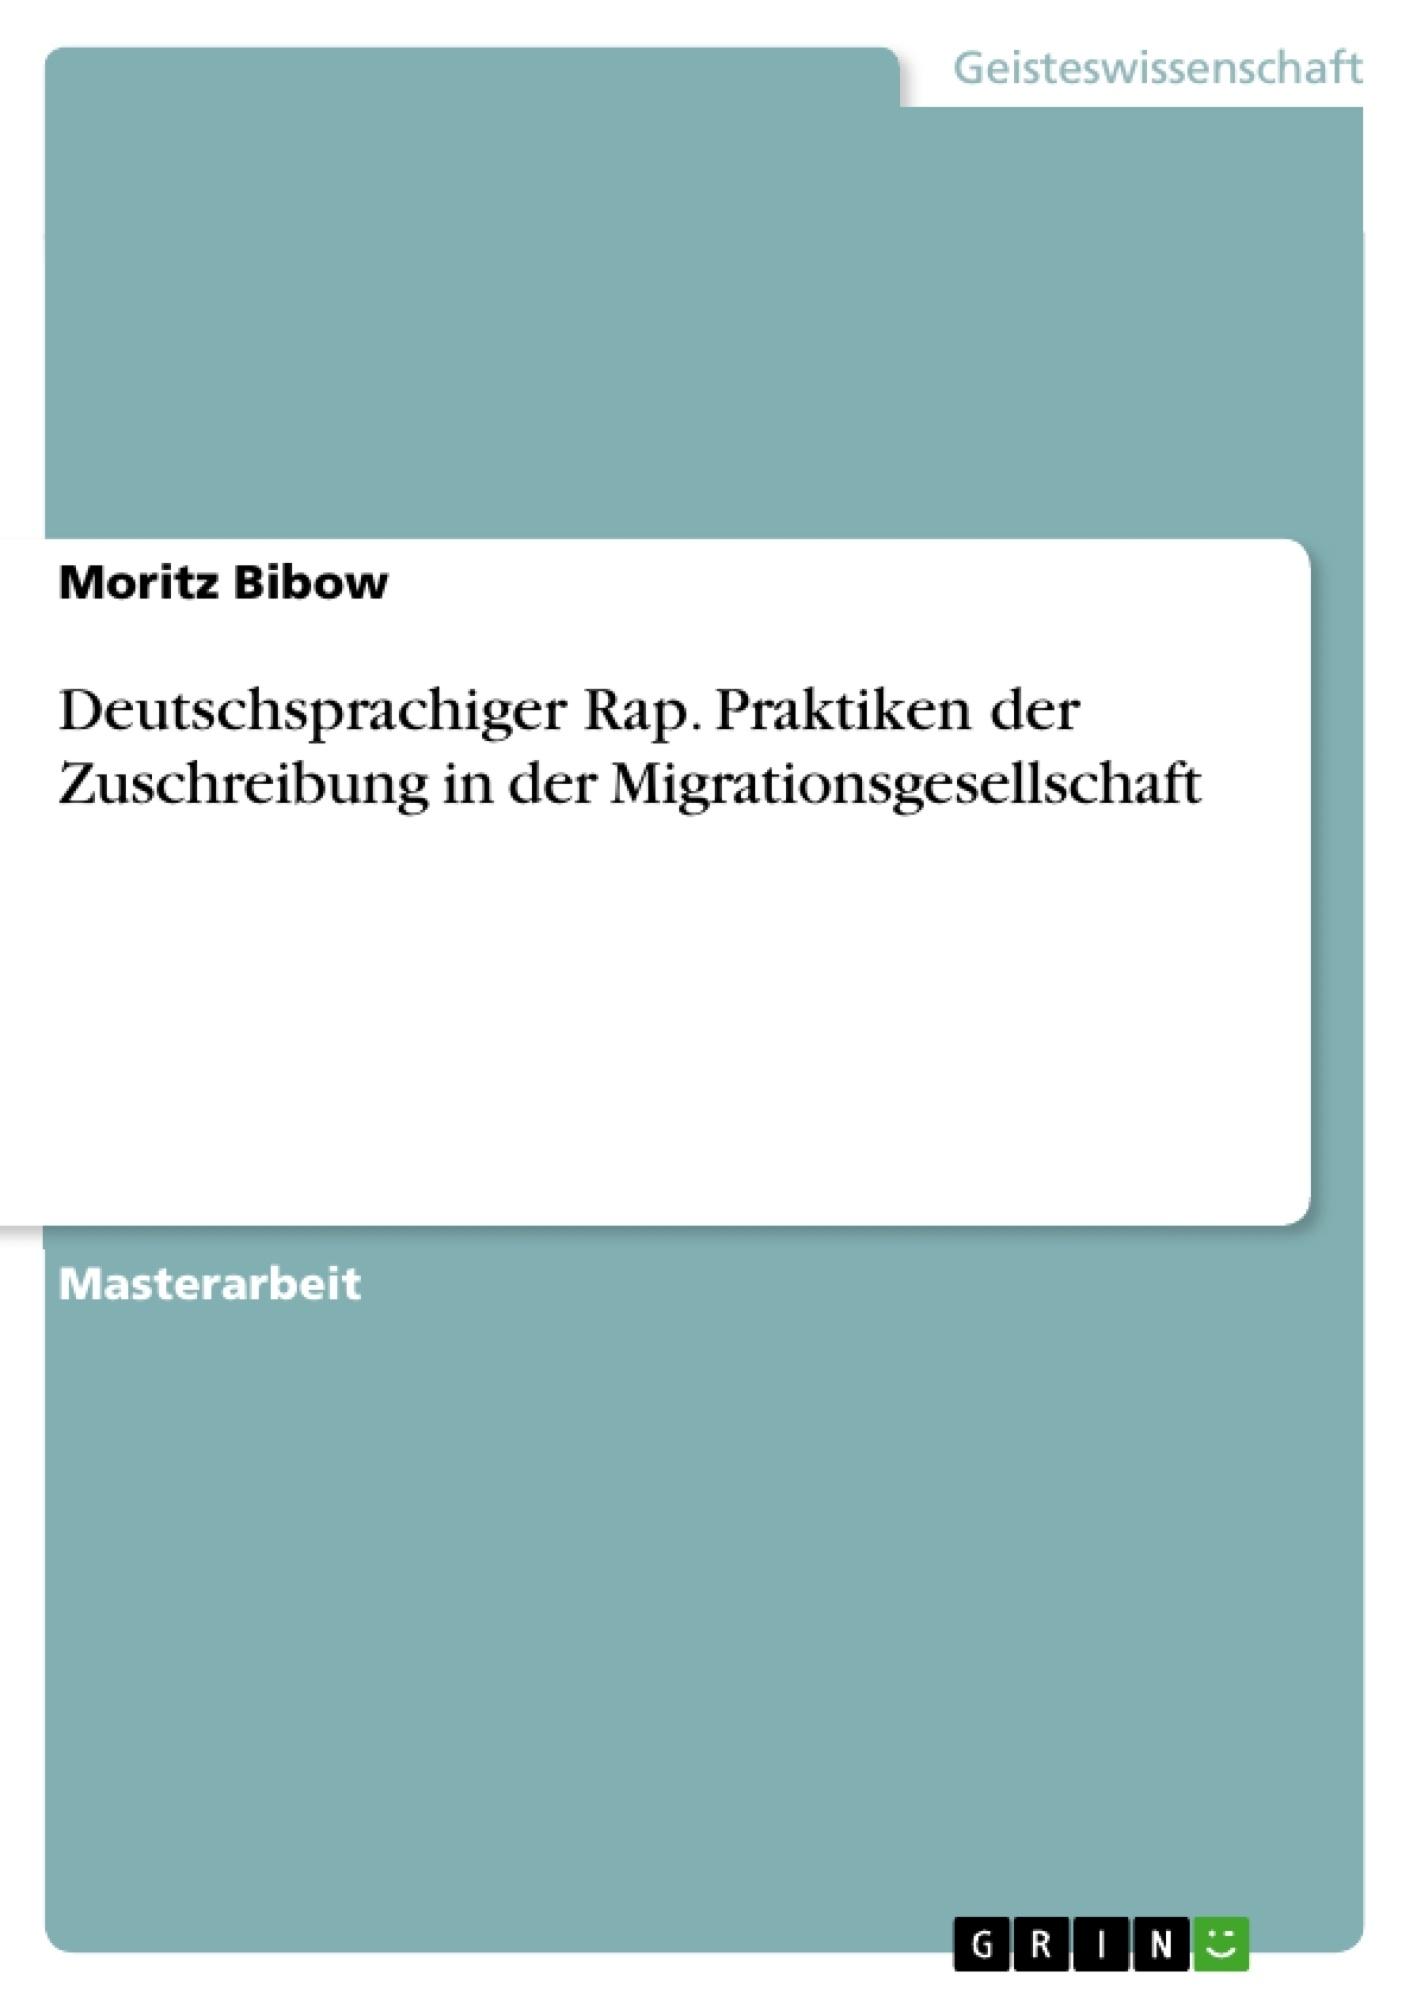 Titel: Deutschsprachiger Rap. Praktiken der Zuschreibung in der Migrationsgesellschaft